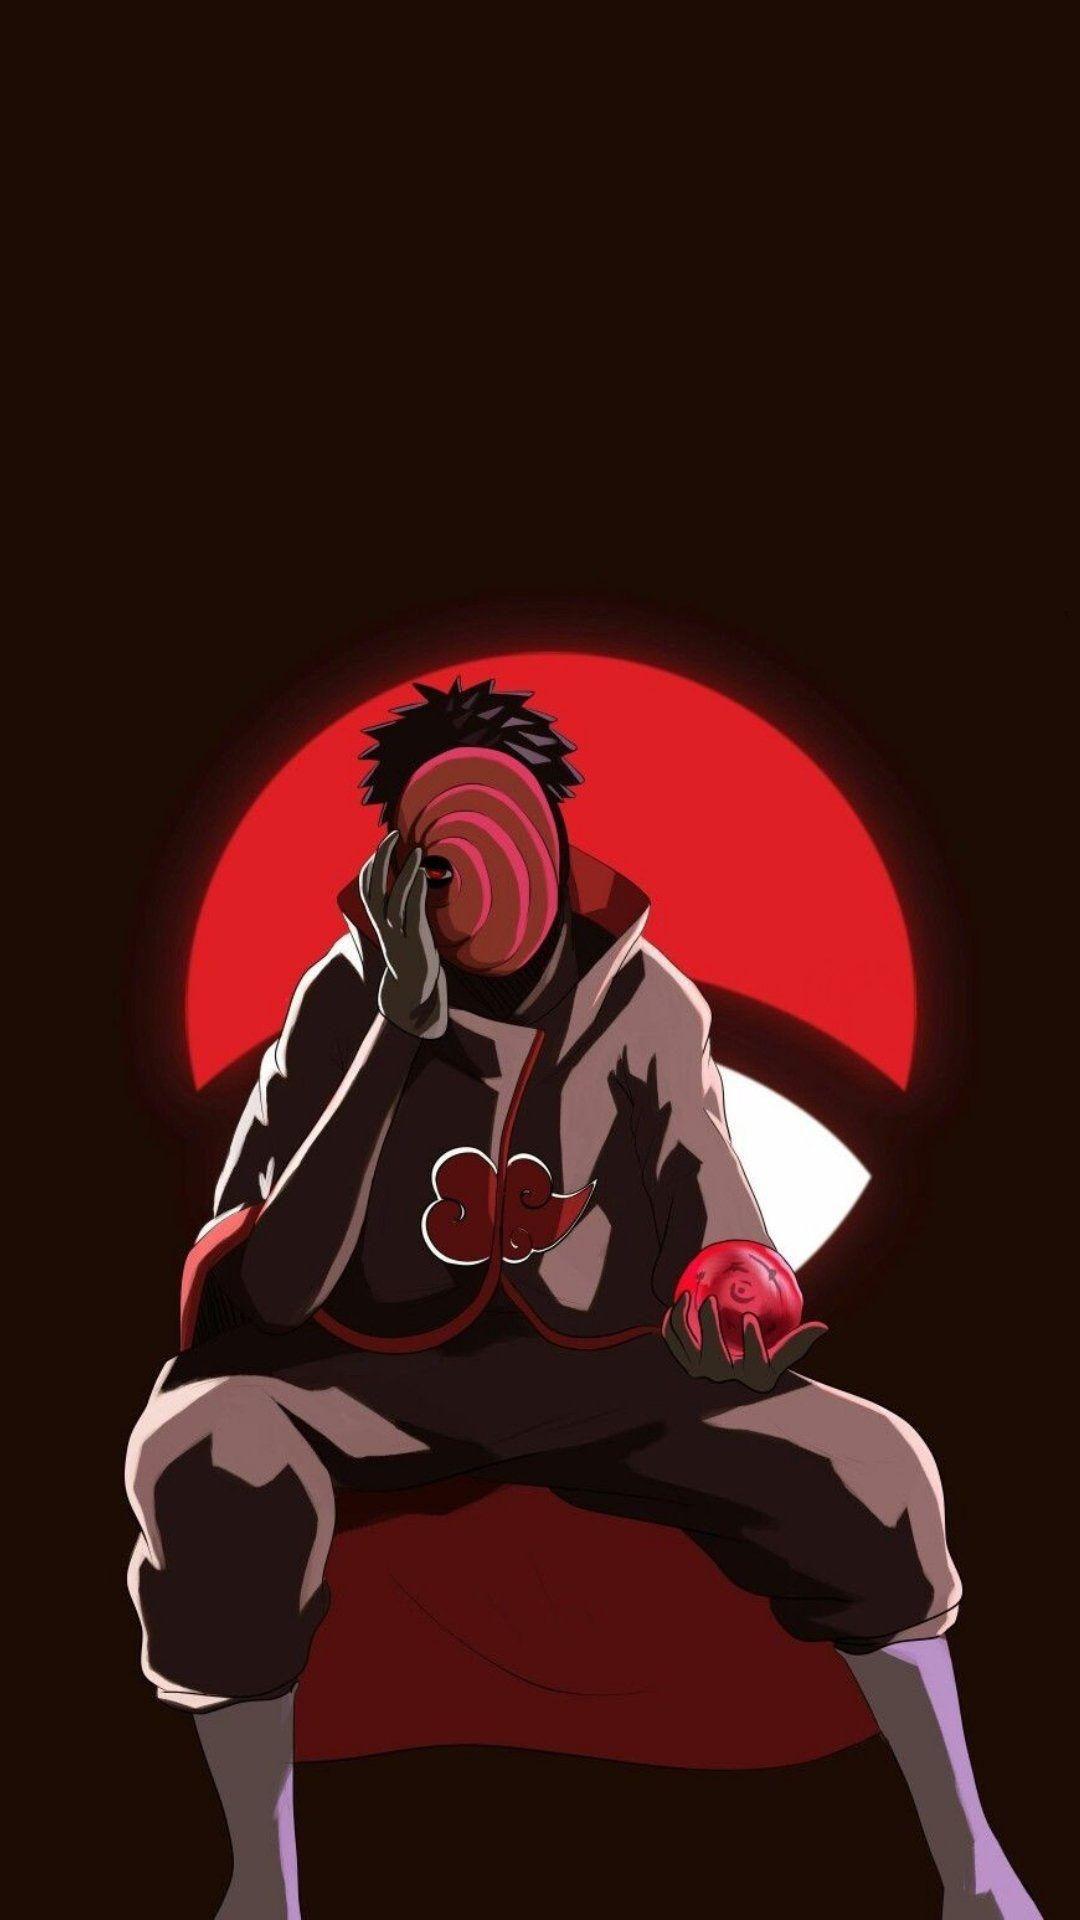 Pin Oleh Kratos Gamer 79 Di Naruto Wallpapers Animasi